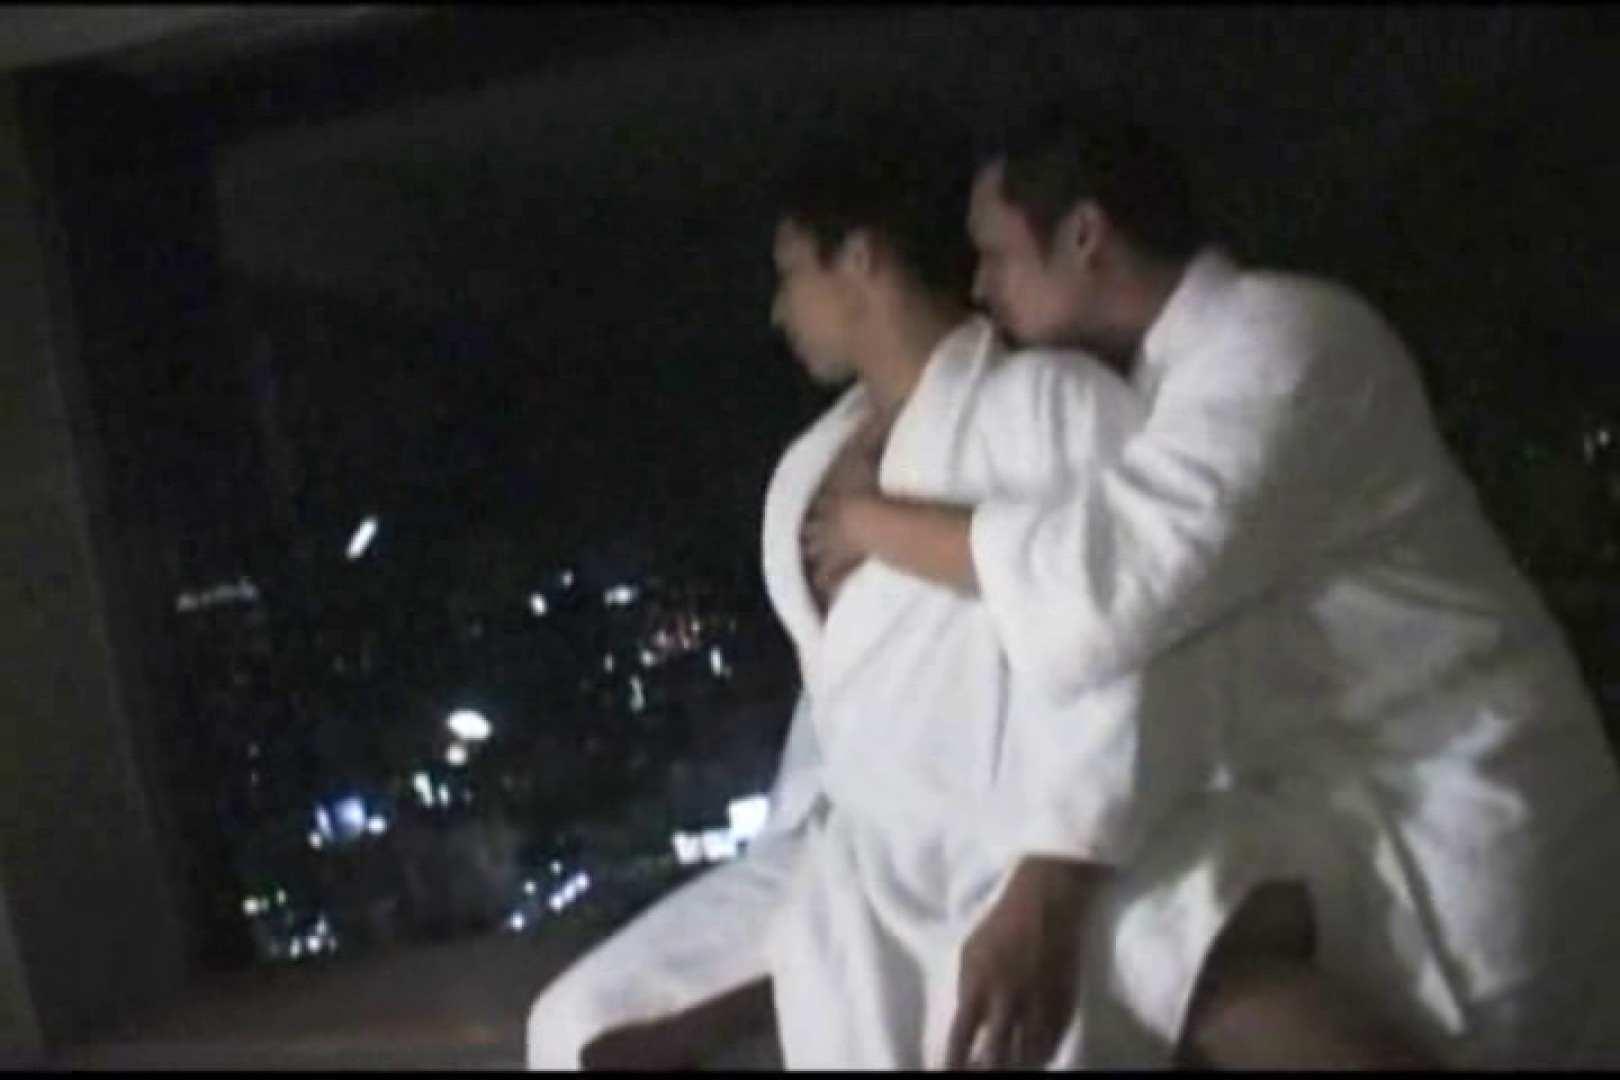 ホテルで密会!!夜景をバックに濃密ファック!! 裸特集 | バックシーン ゲイザーメン画像 91pic 1